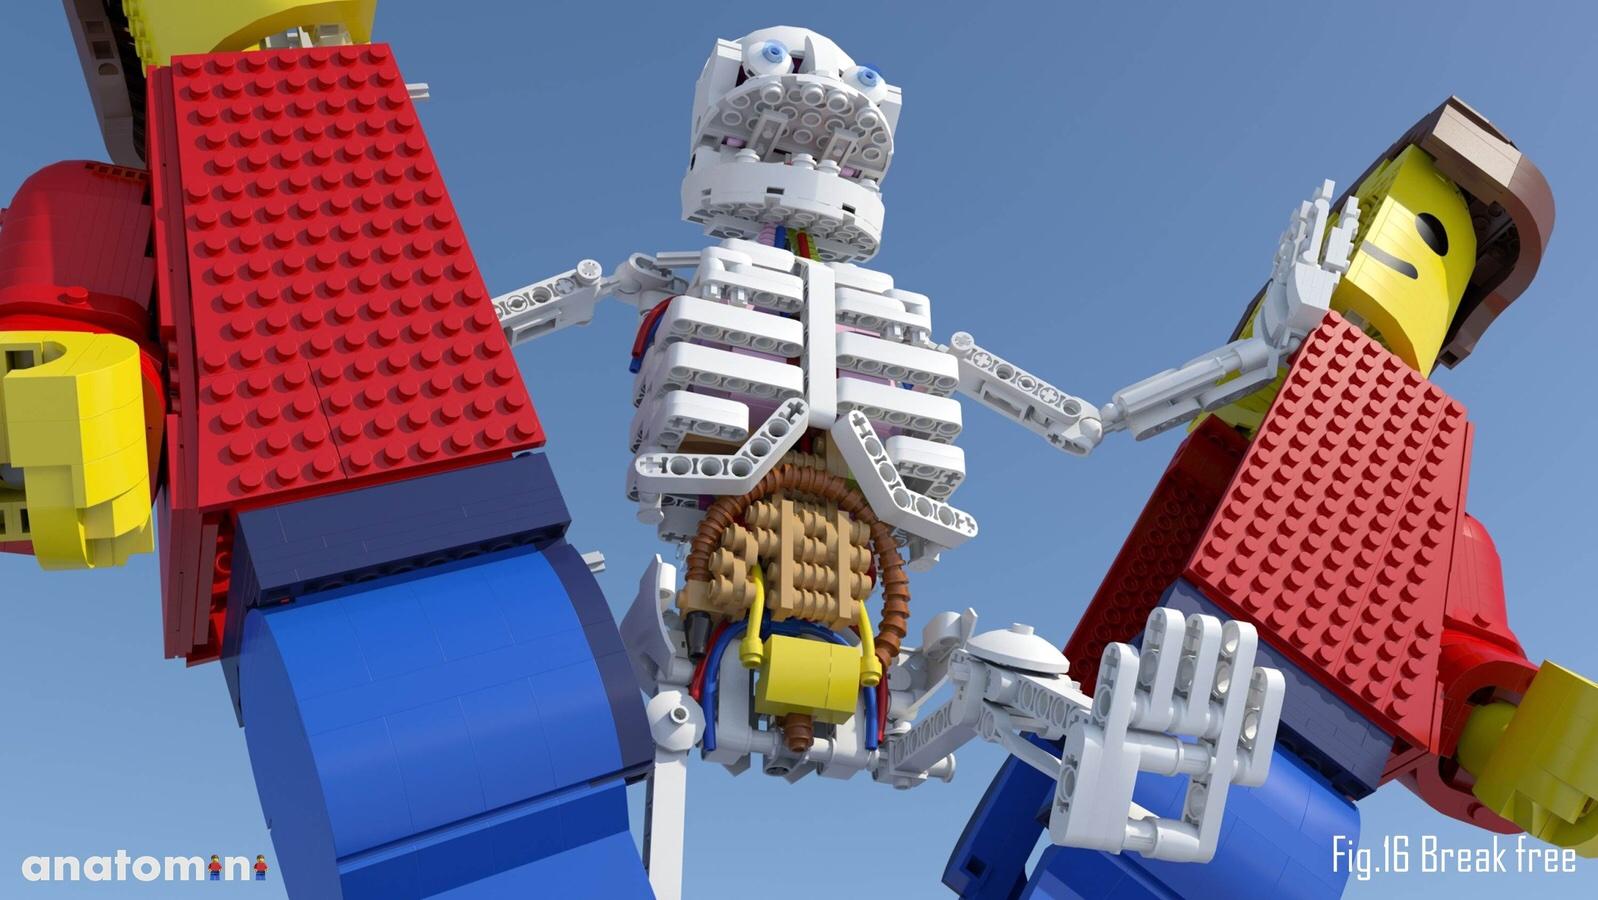 LEGO Ideas: Anatomini